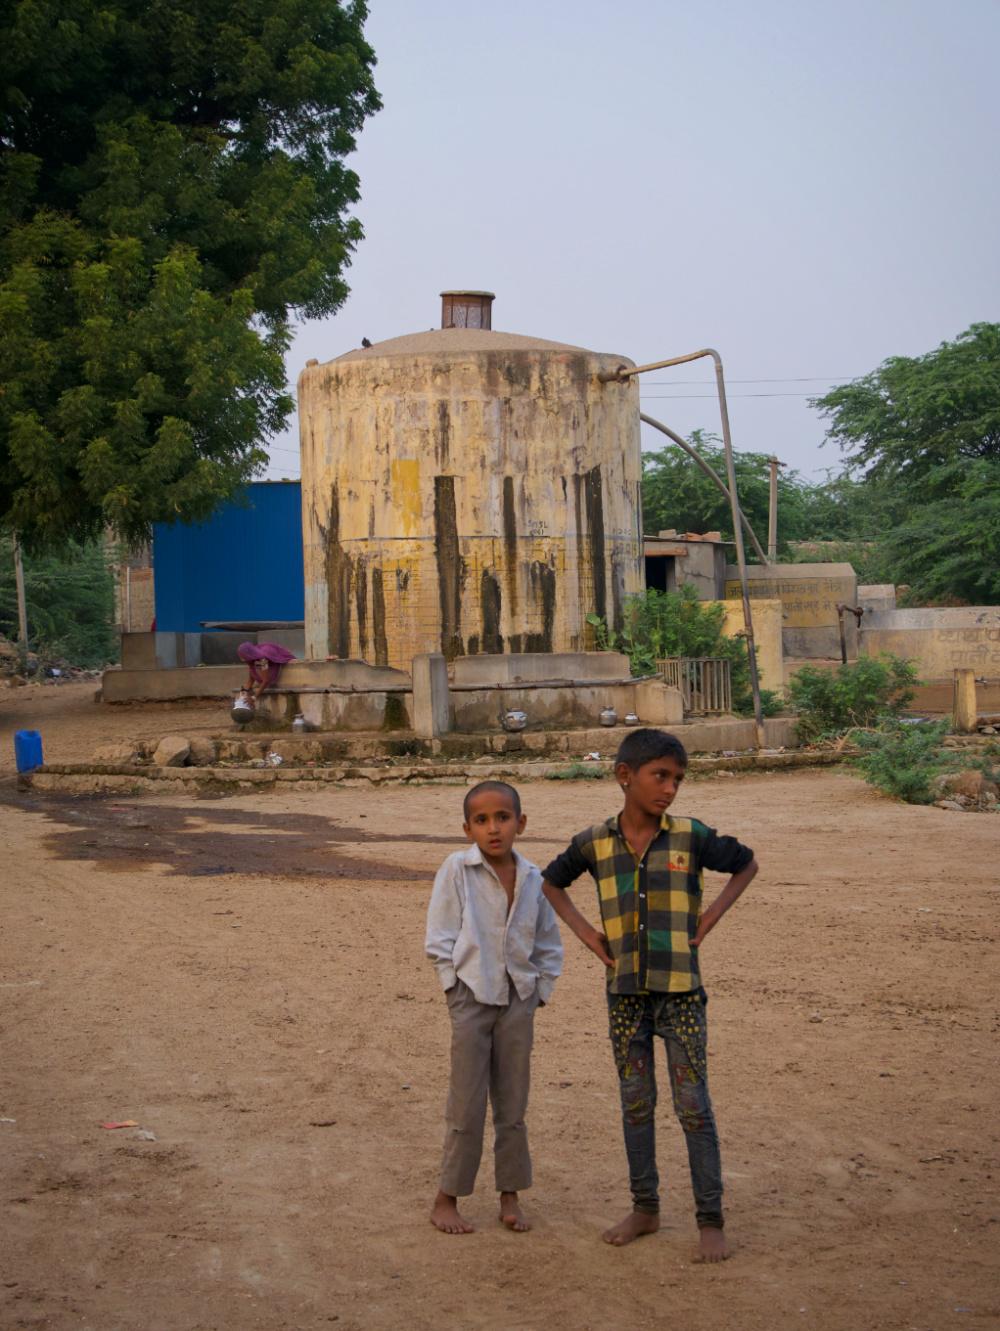 655-India-Bhenswara